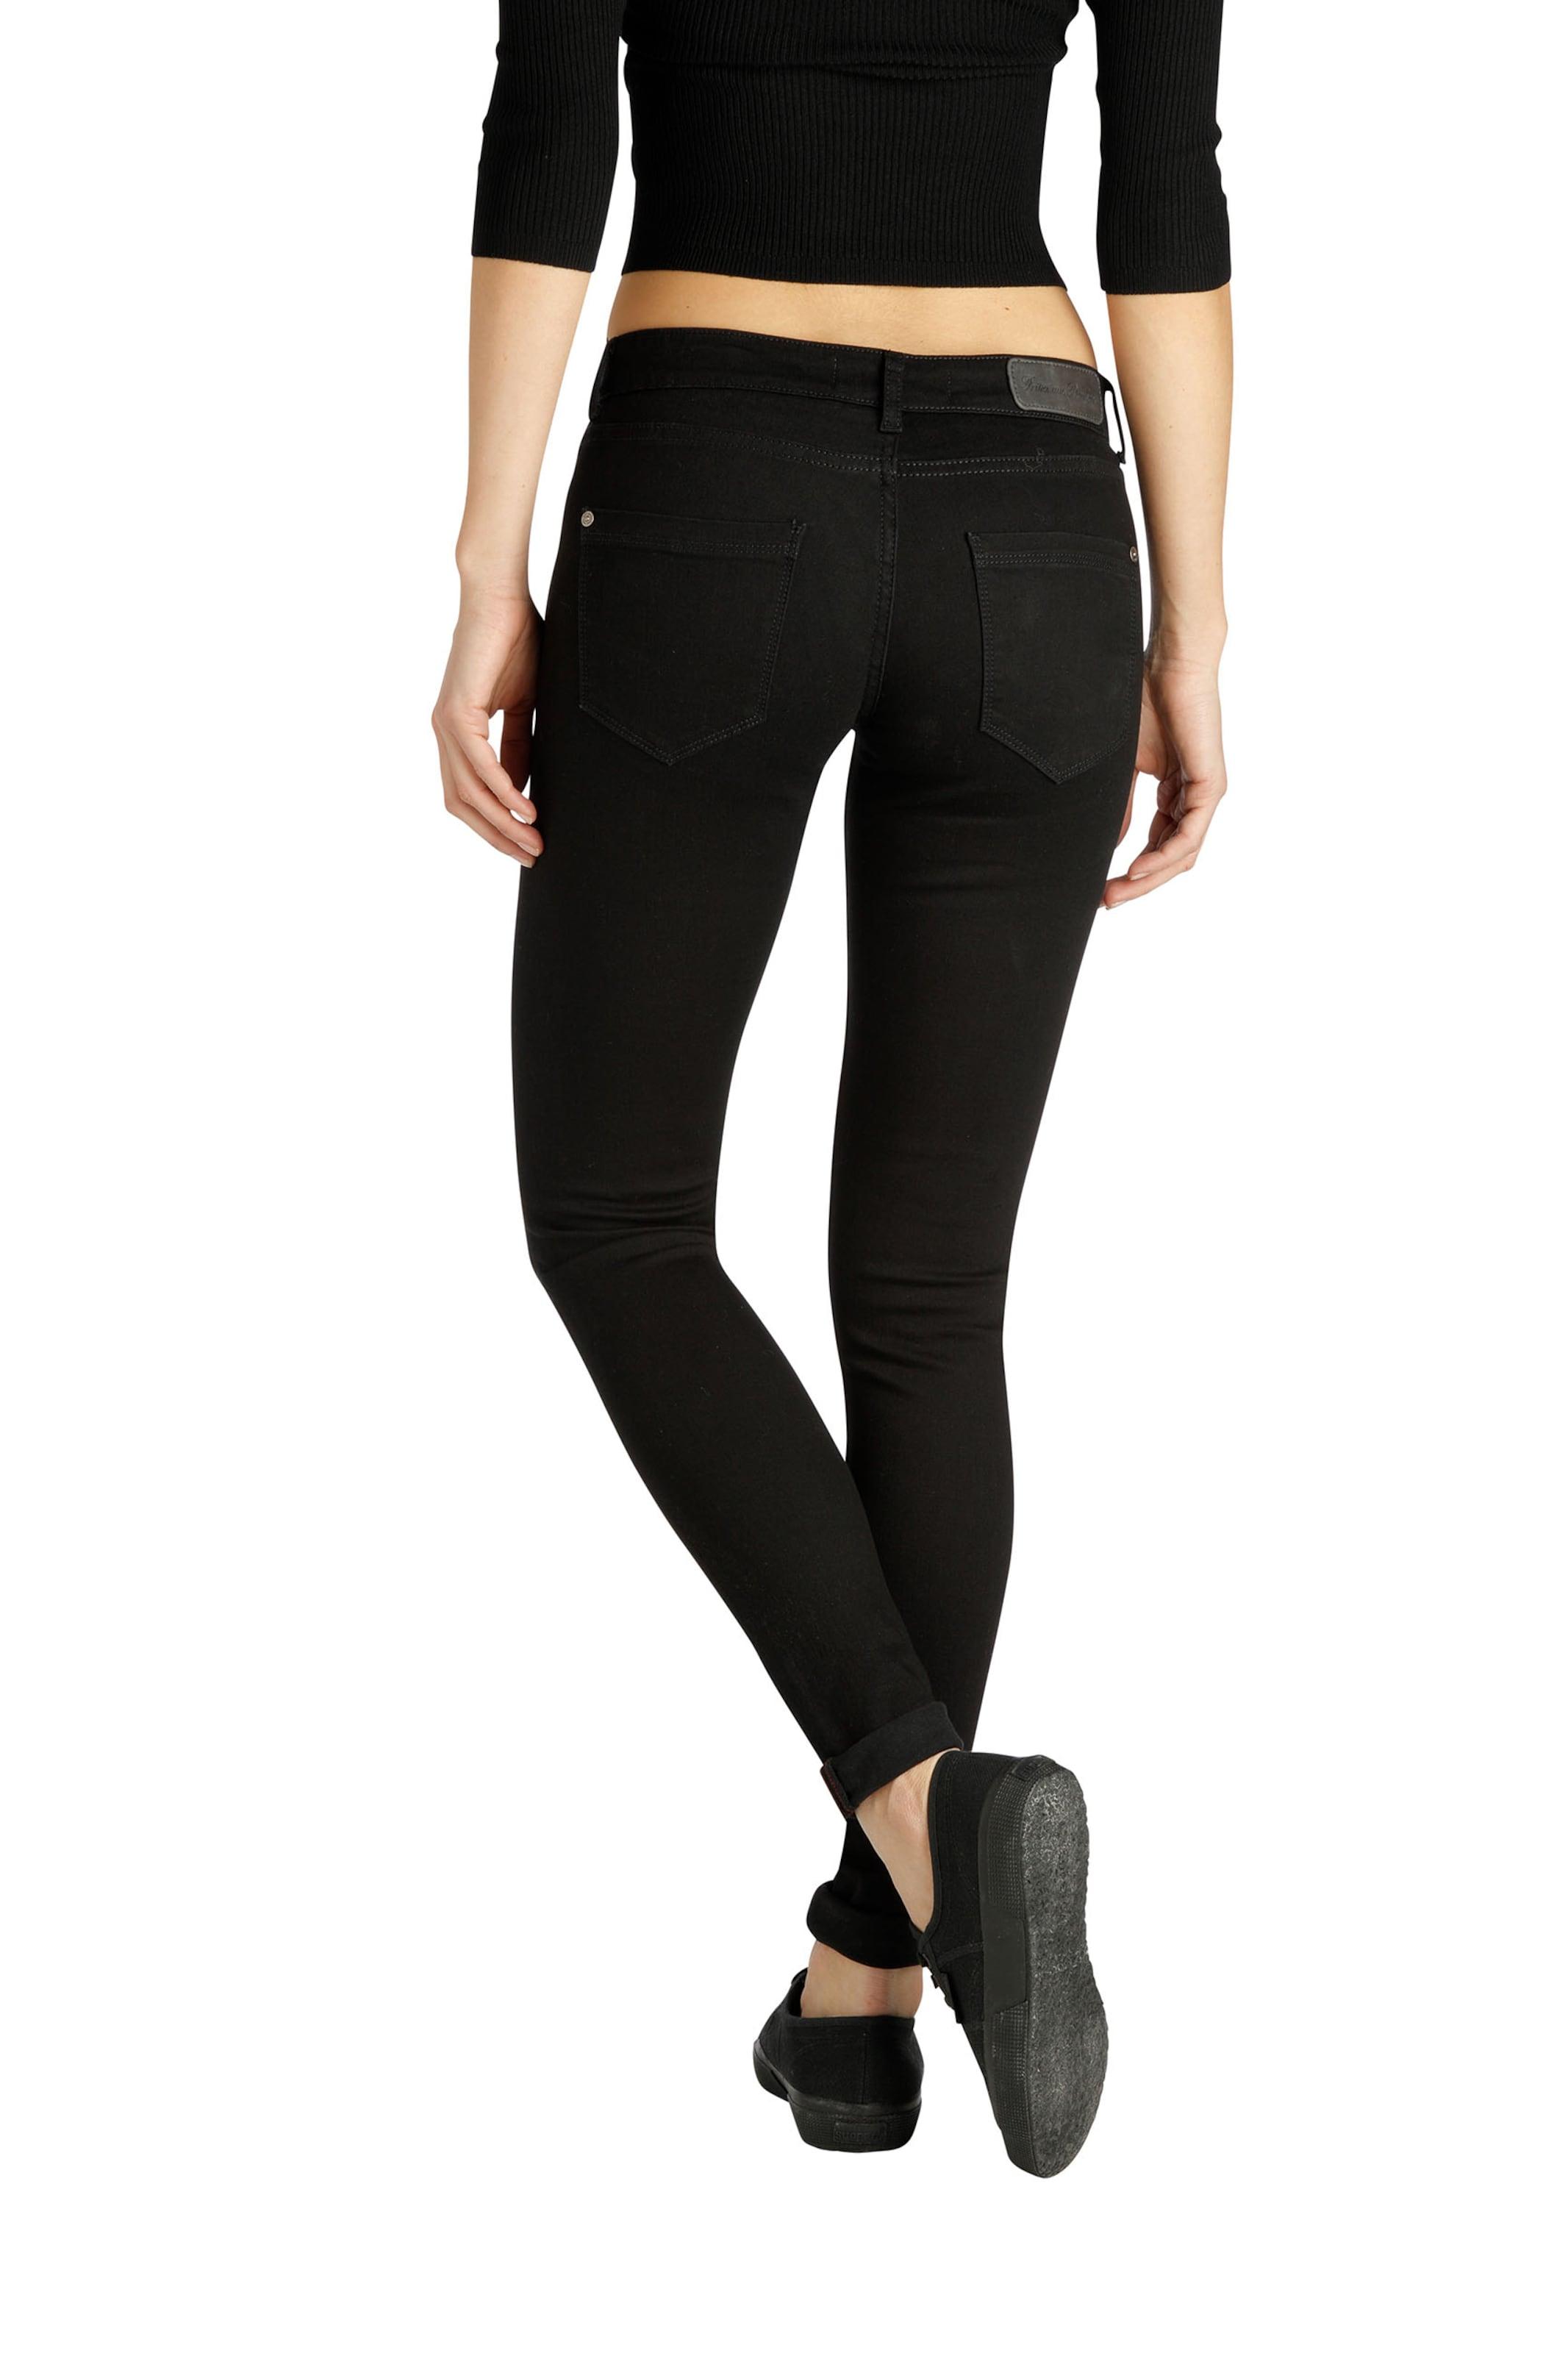 Fritzi aus Preußen Jeans im Slim Fit 'Downey' Billig Finden Große Günstig Kaufen Vermarktbare y6aFTEN